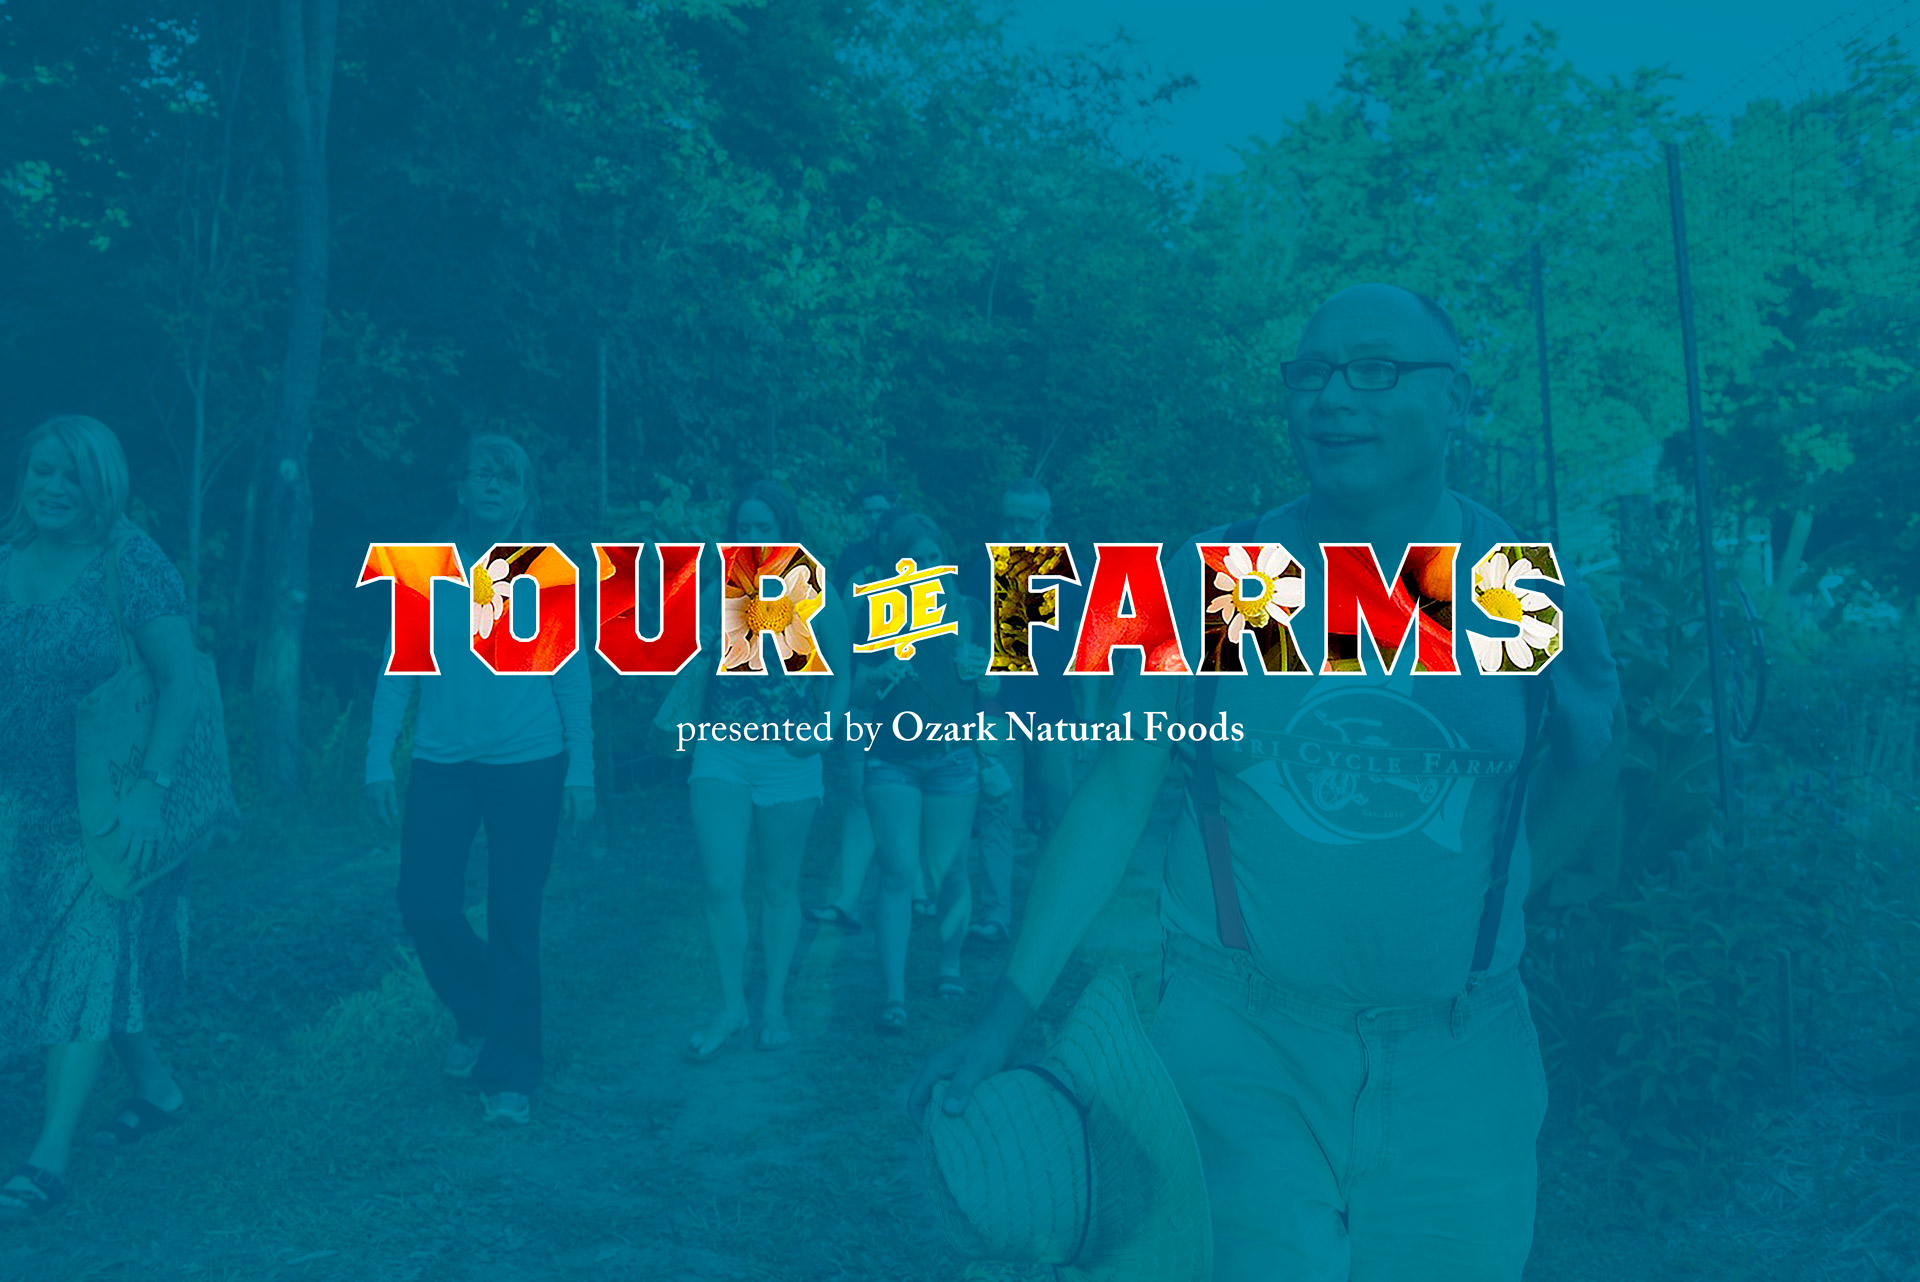 Tour_De_Farms_Landscape_TriCycle_Final_Mockup.jpg